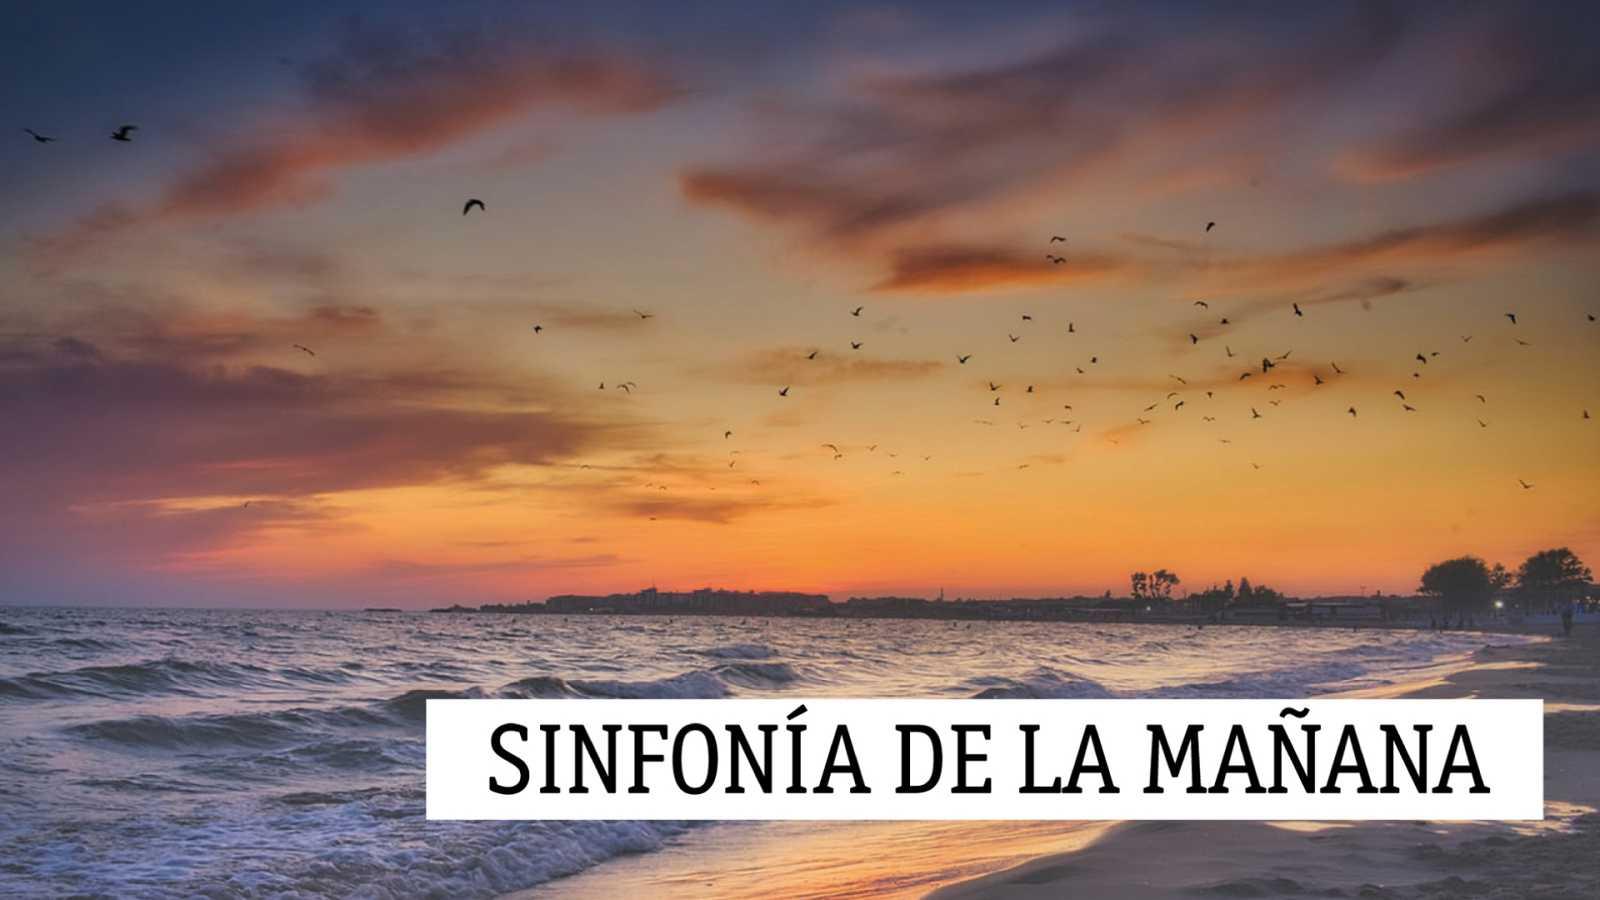 Sinfonía de la mañana - Los albores del cine (Y la música de José Sacristán) - 14/05/21 - escuchar ahora